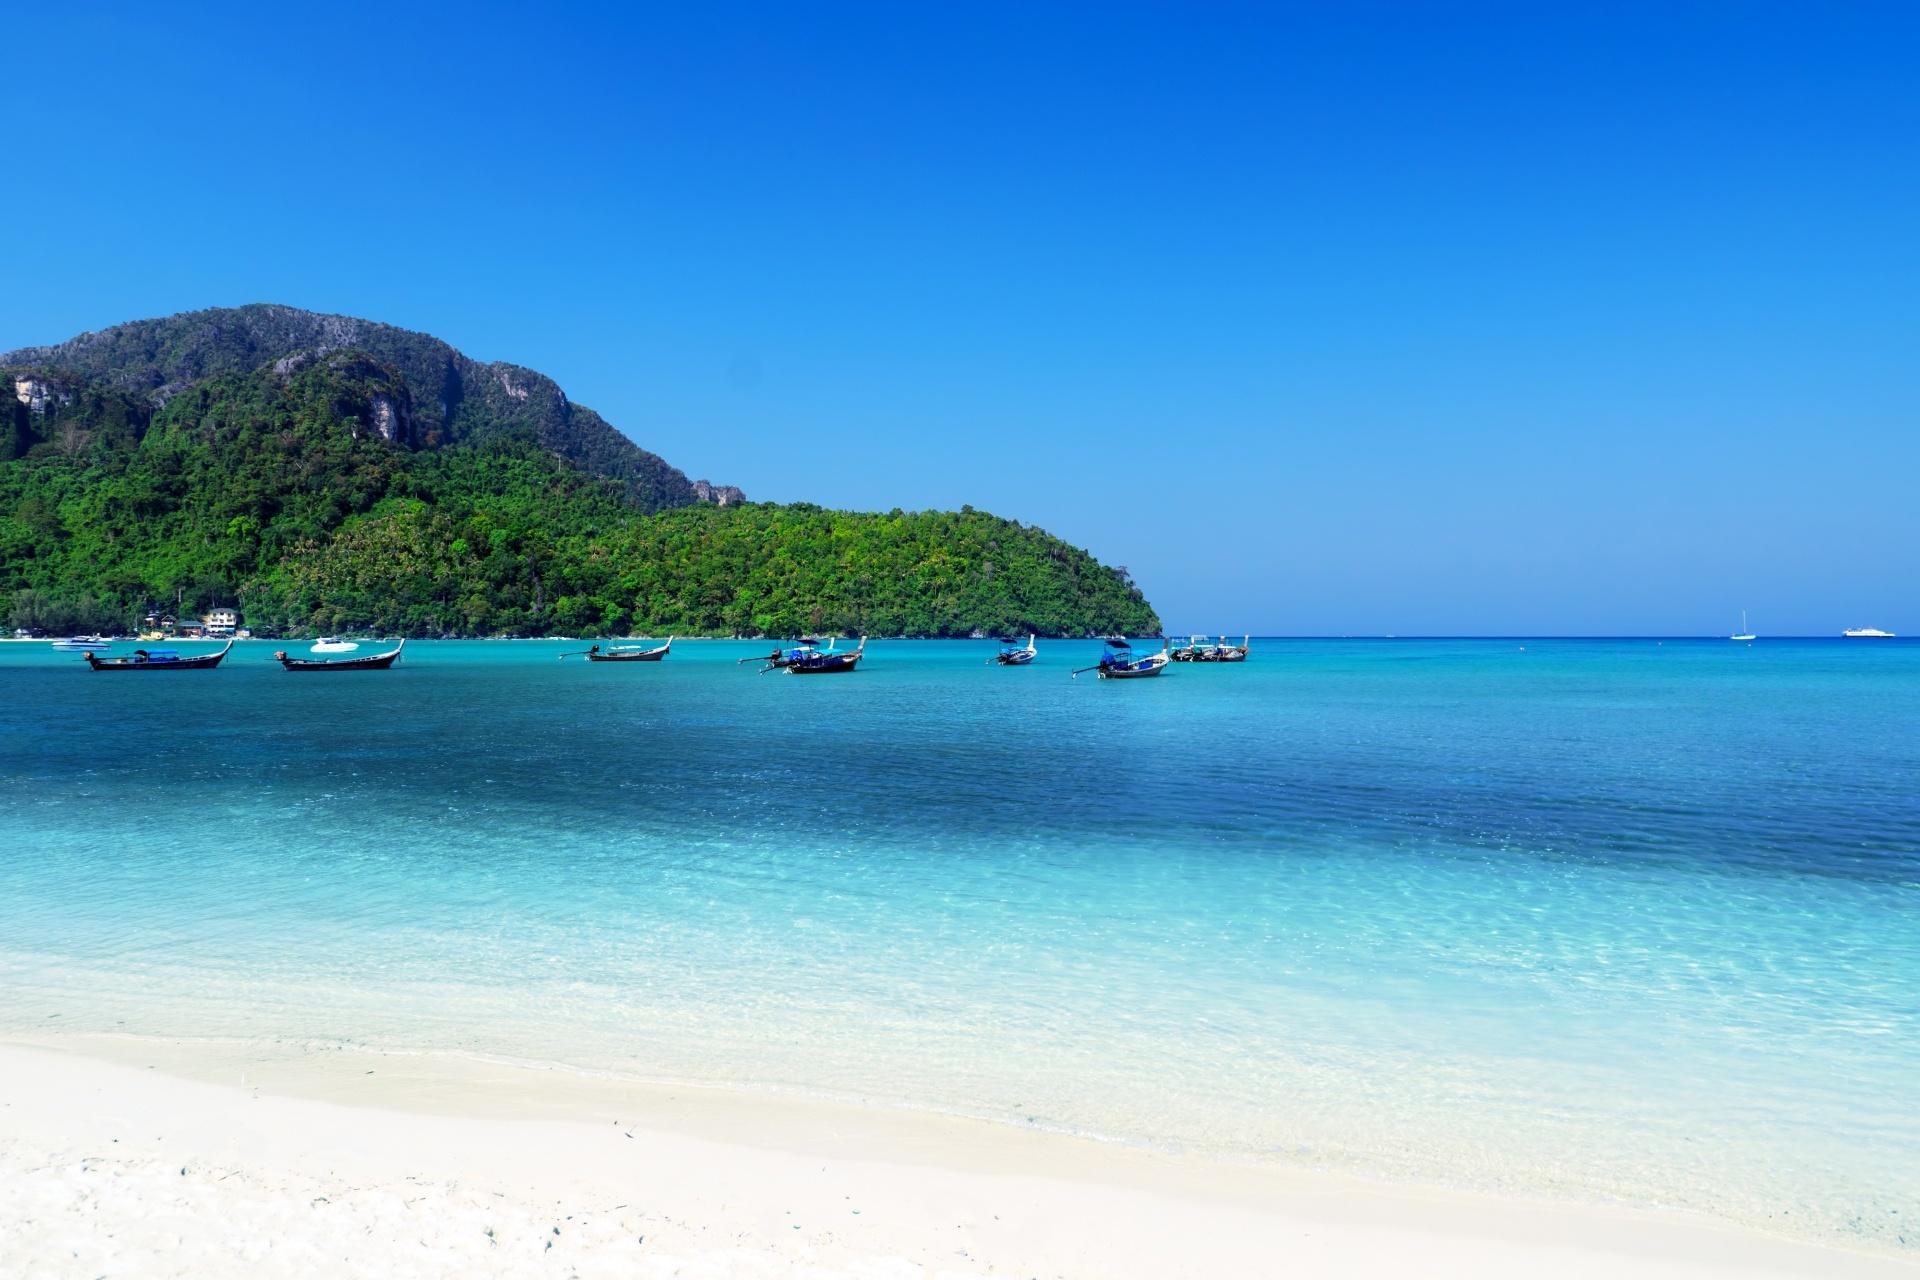 ピピ諸島の風景 タイの風景